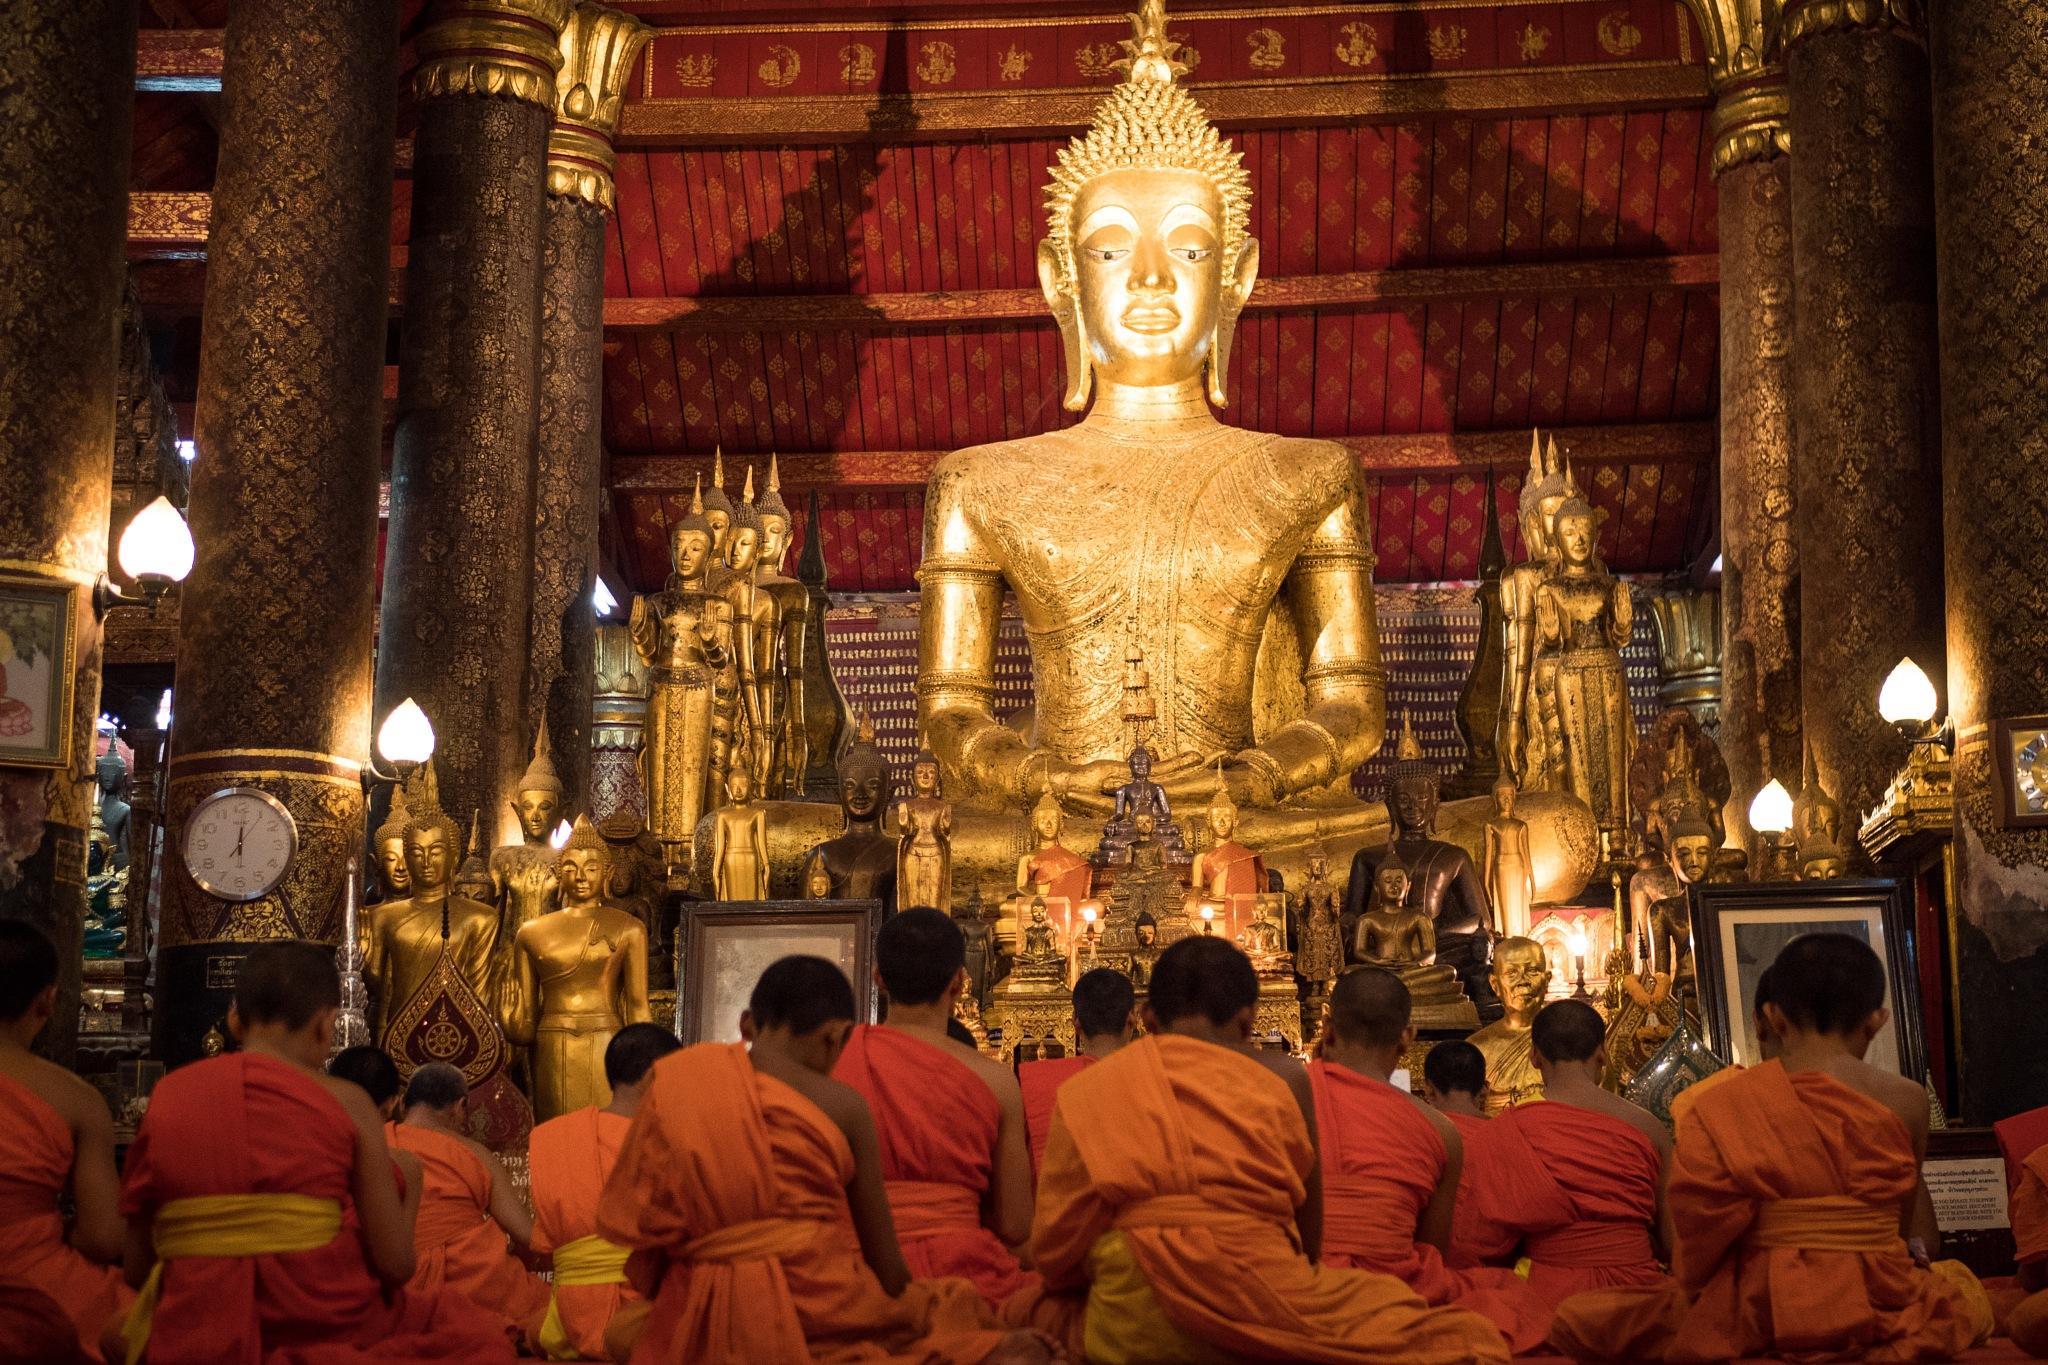 Monks Laos by Alex Steger